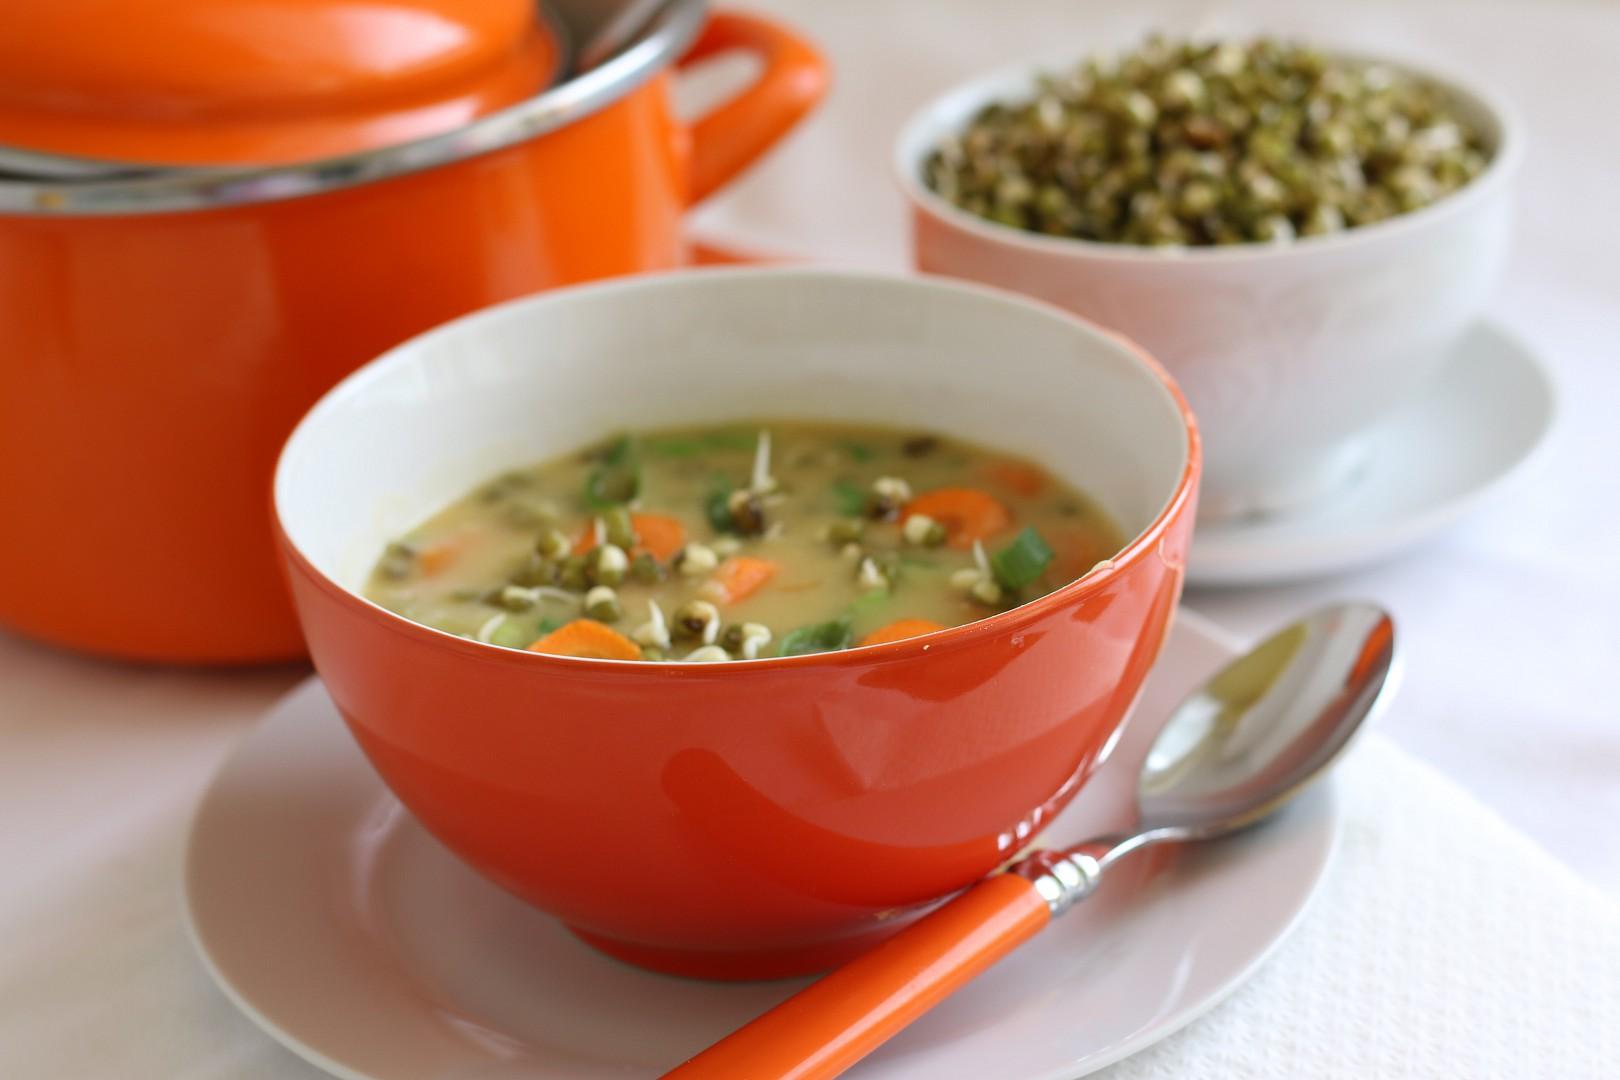 Hrachová polévka s hráškem recept